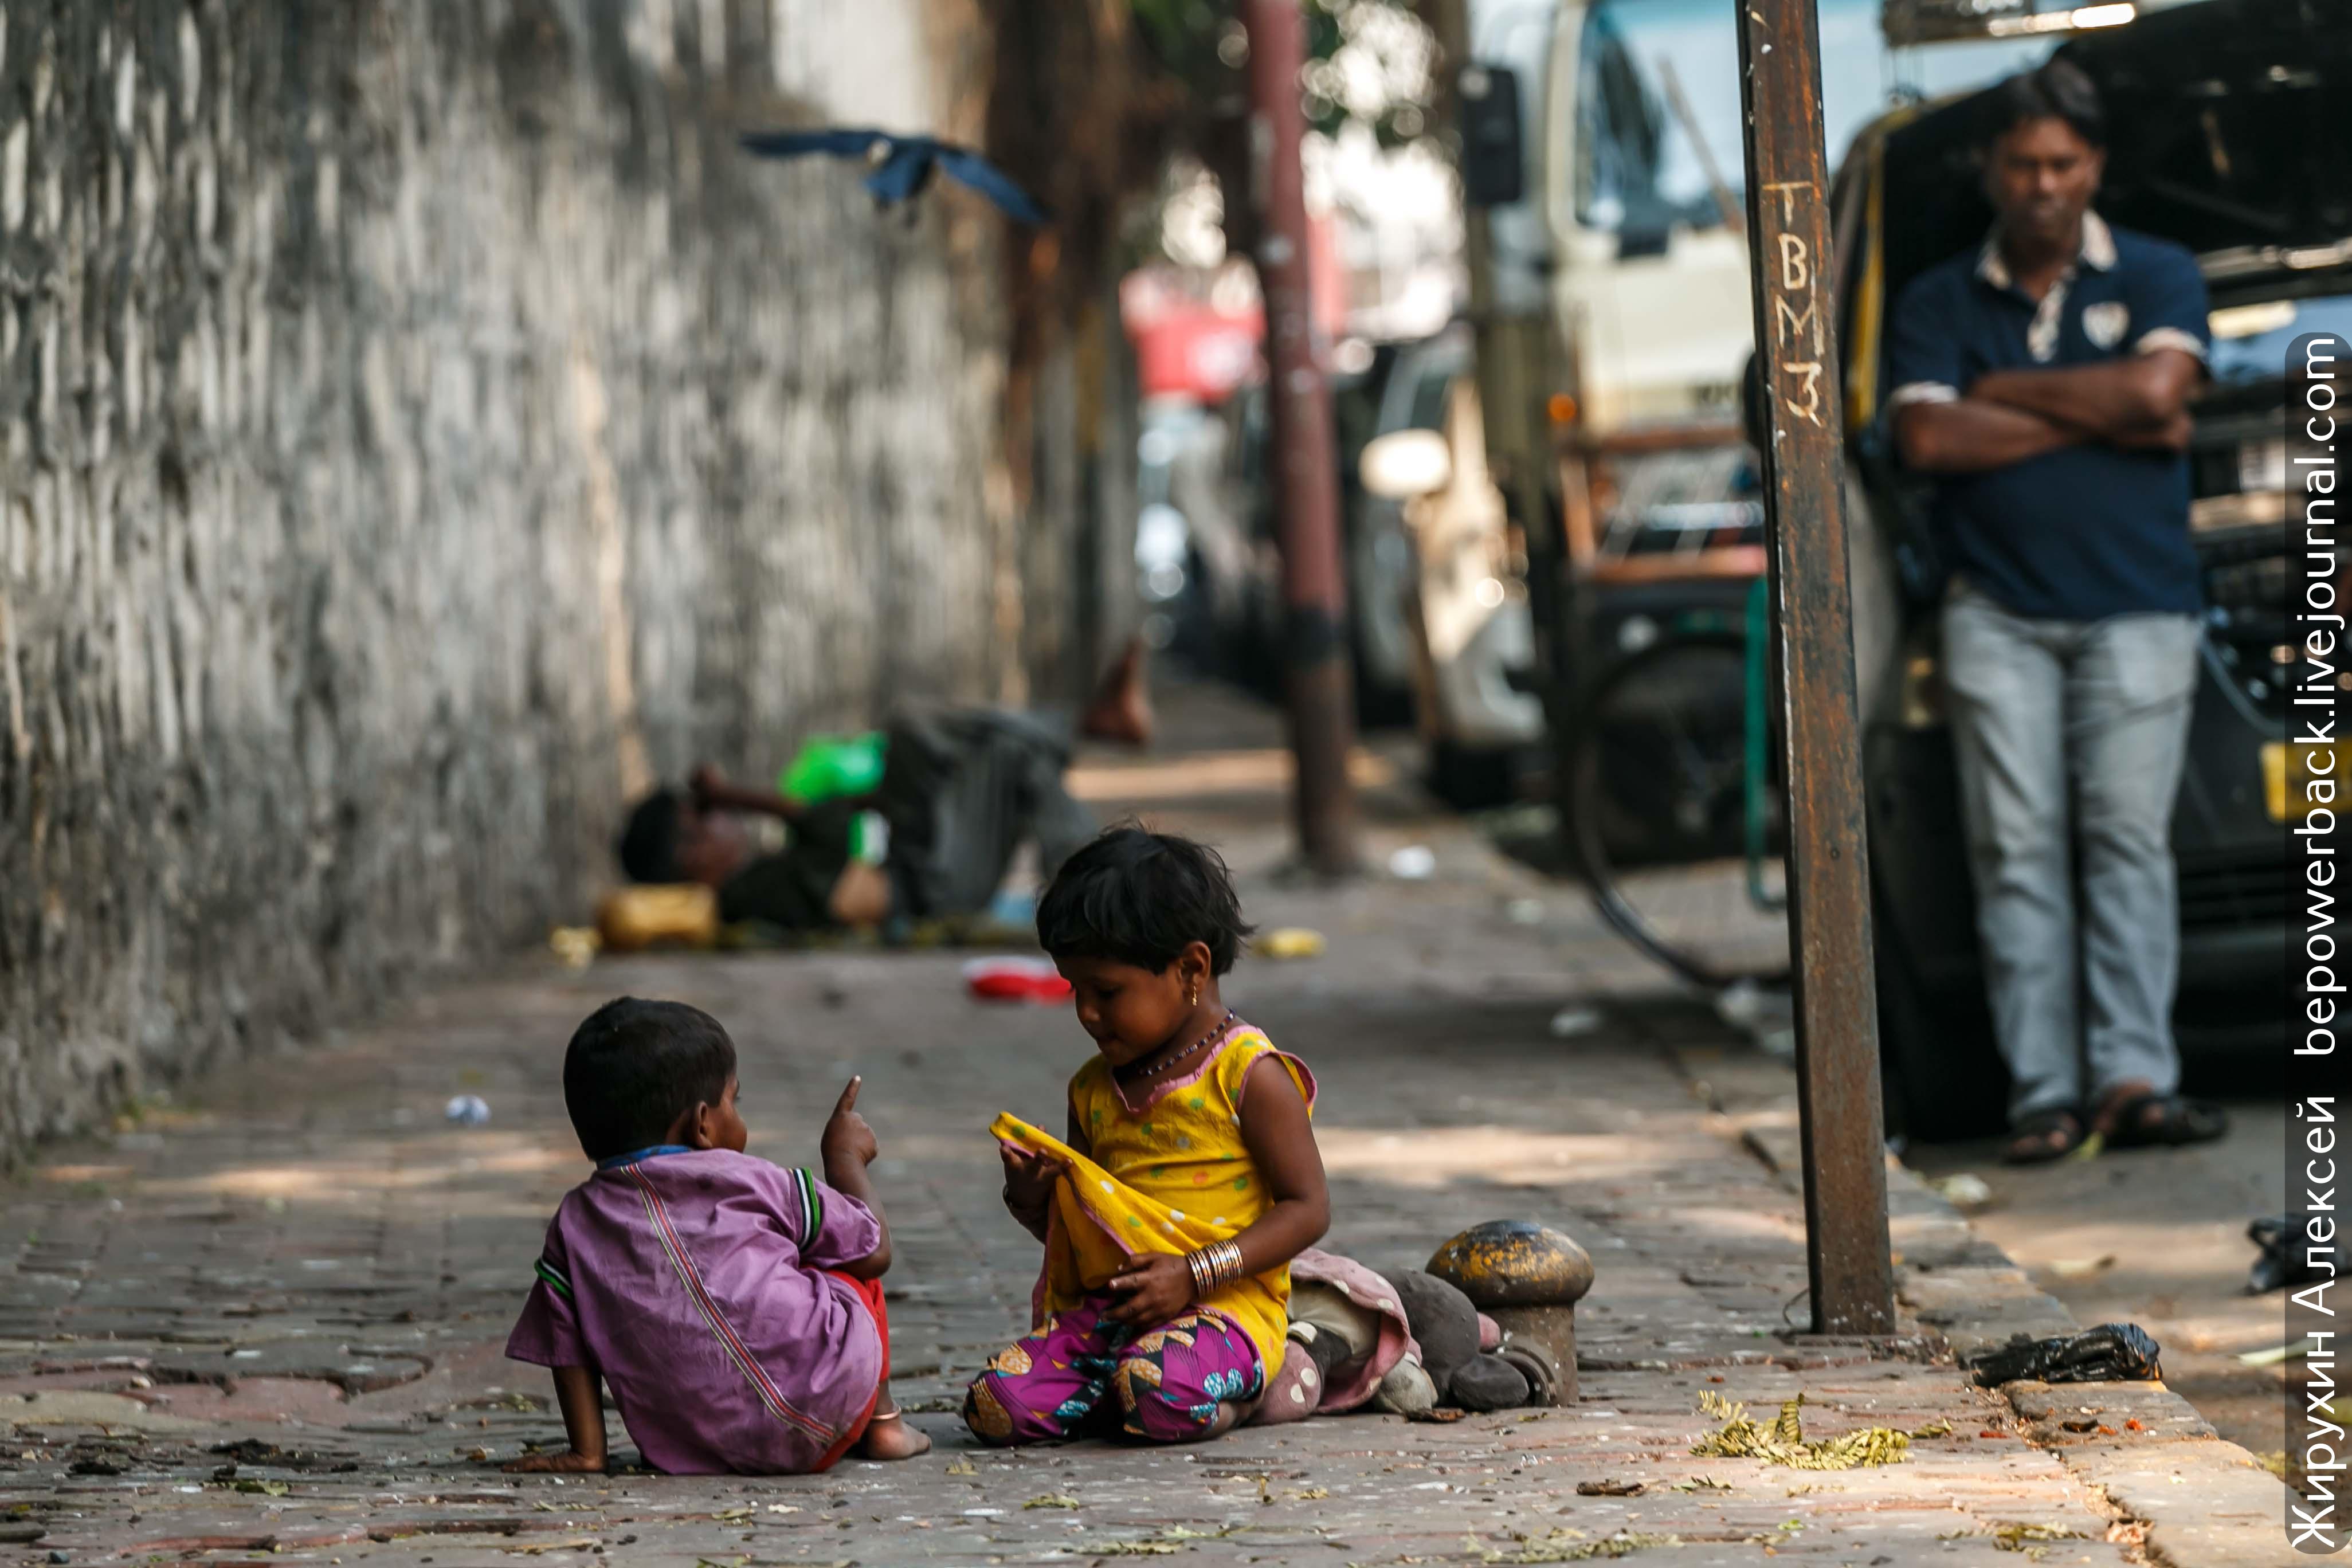 бедность индии фото коряги